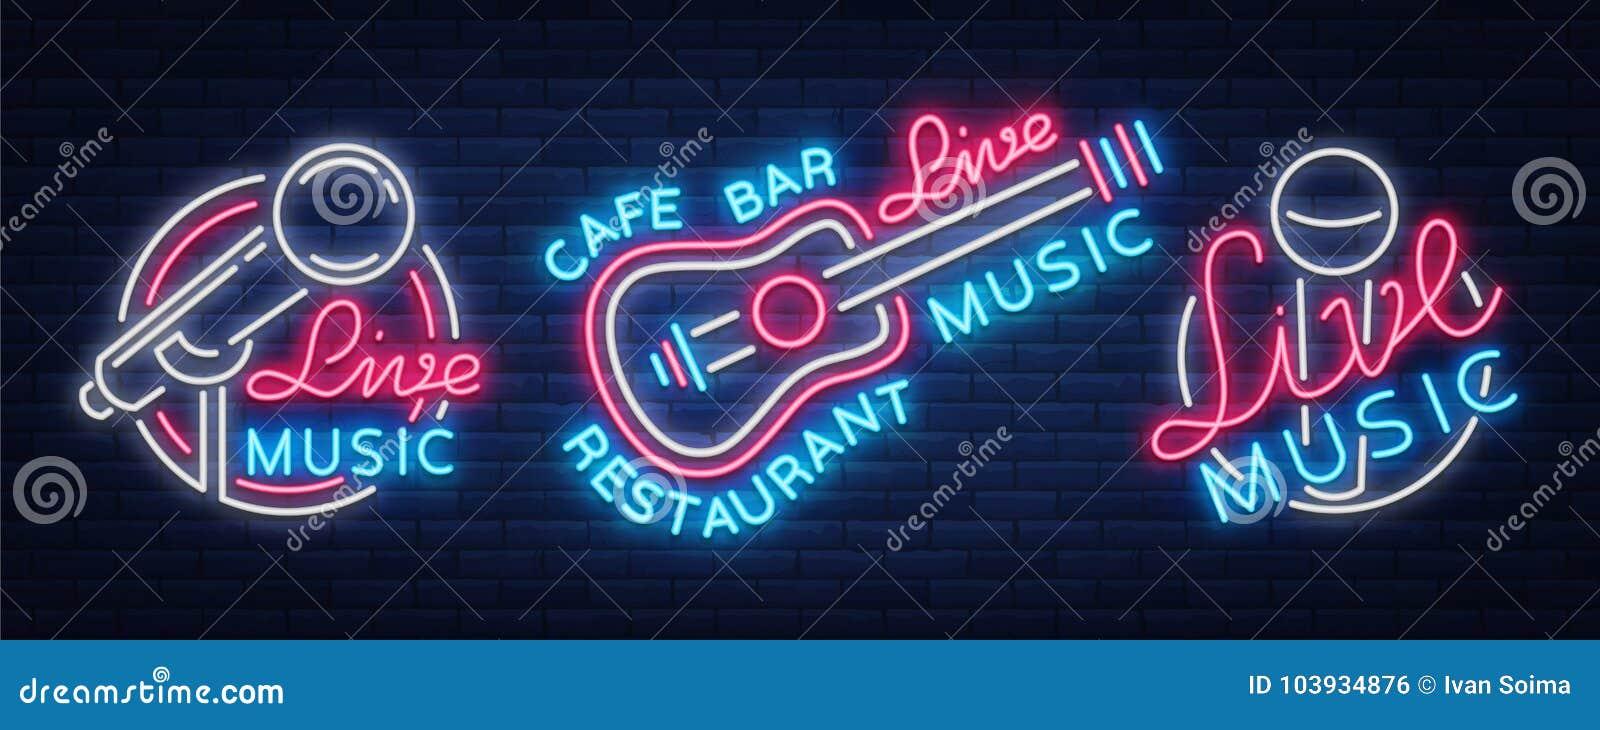 Muzyka na żywo ustawiający neonowych znaków wektorowi logowie, plakat, emblemat dla muzyka na żywo festiwali/lów, muzyczni bary,